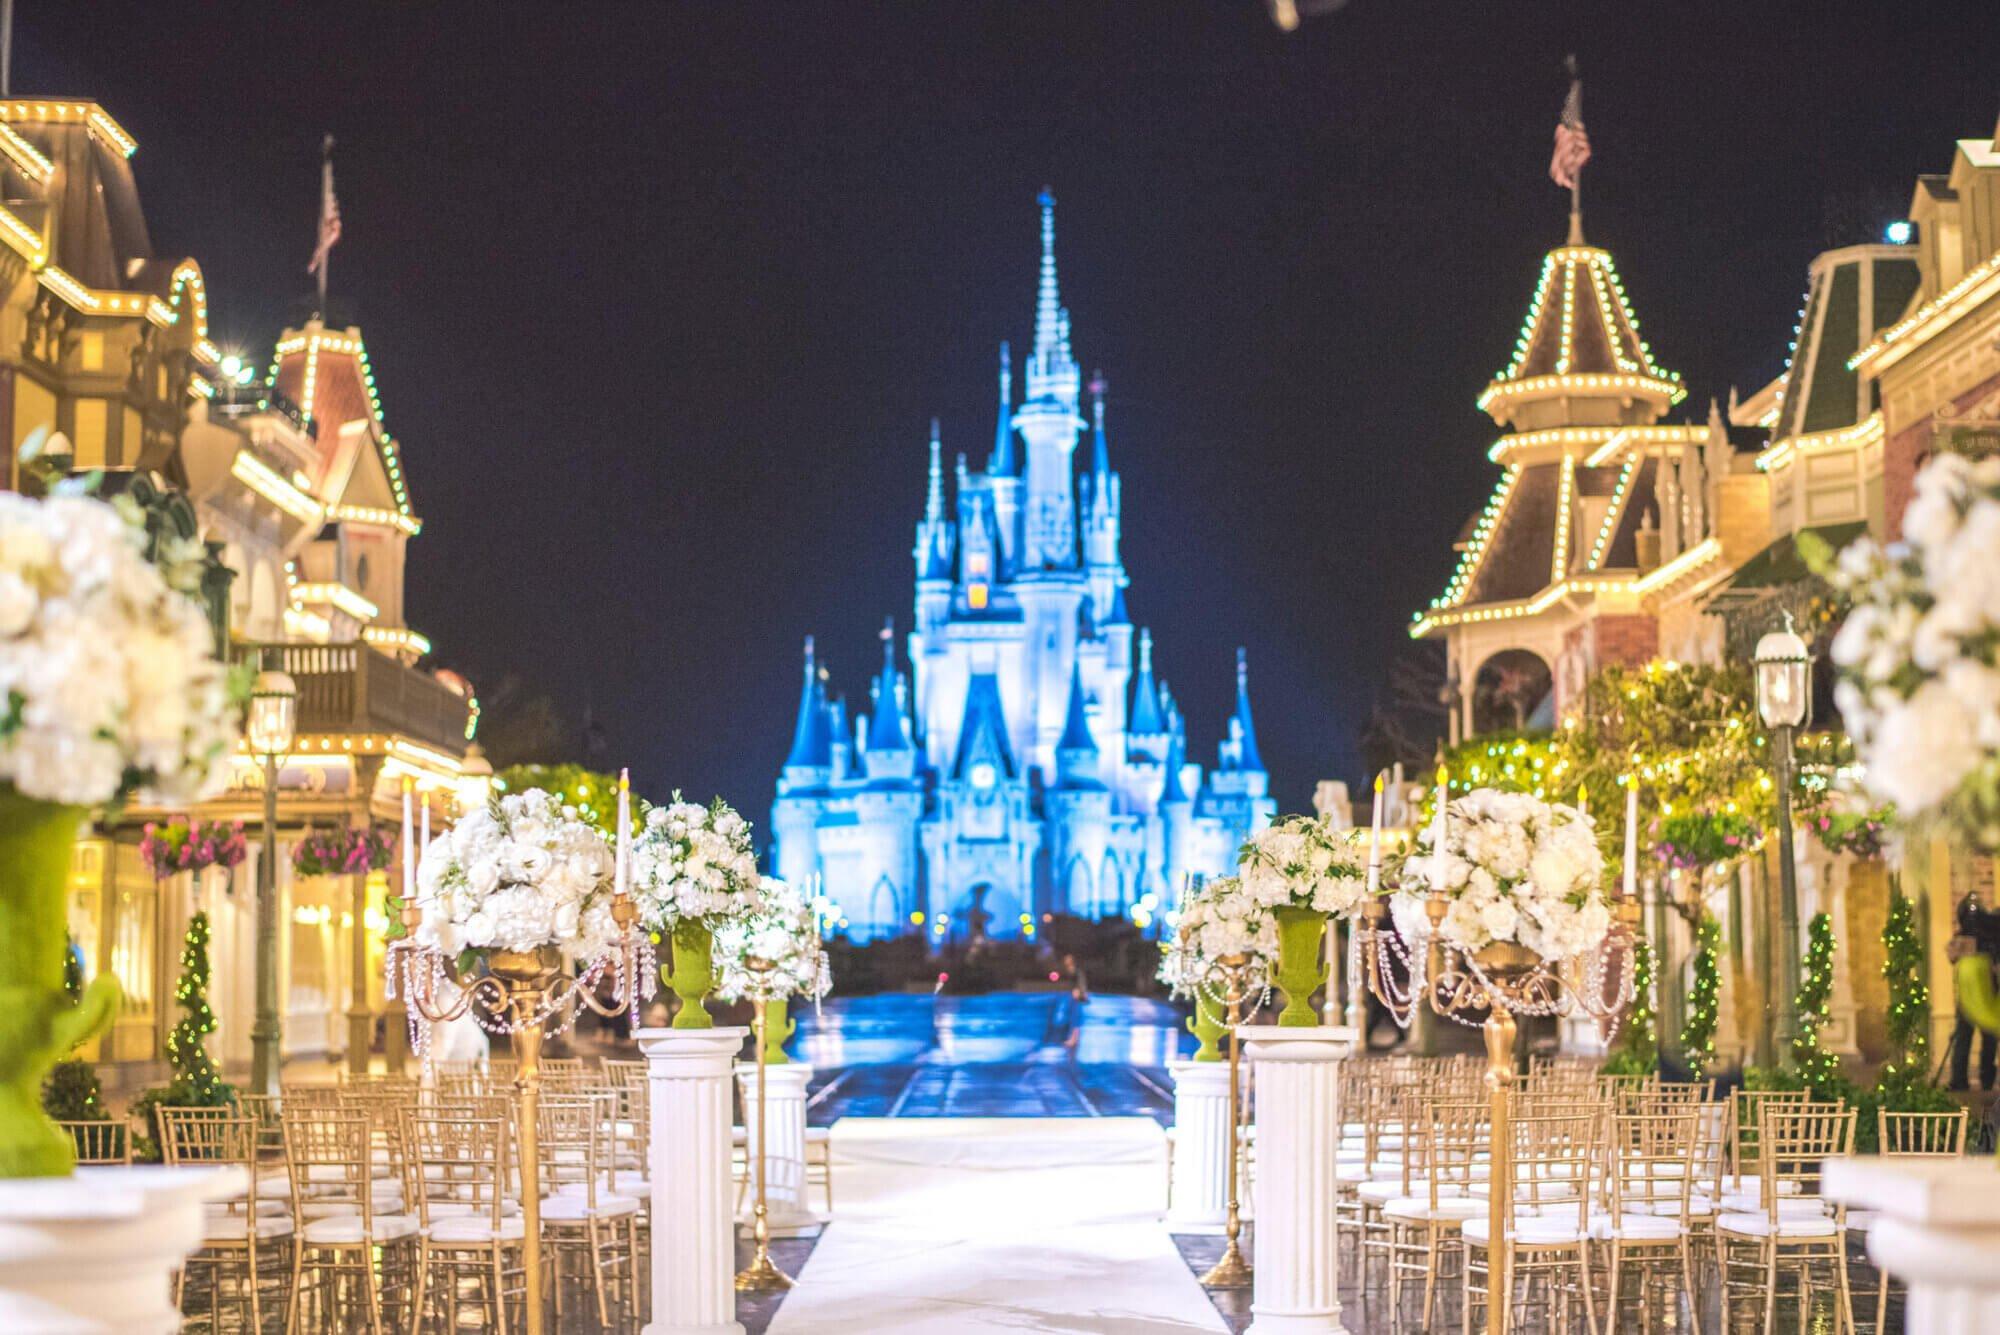 Amazing wedding venues in Orlando